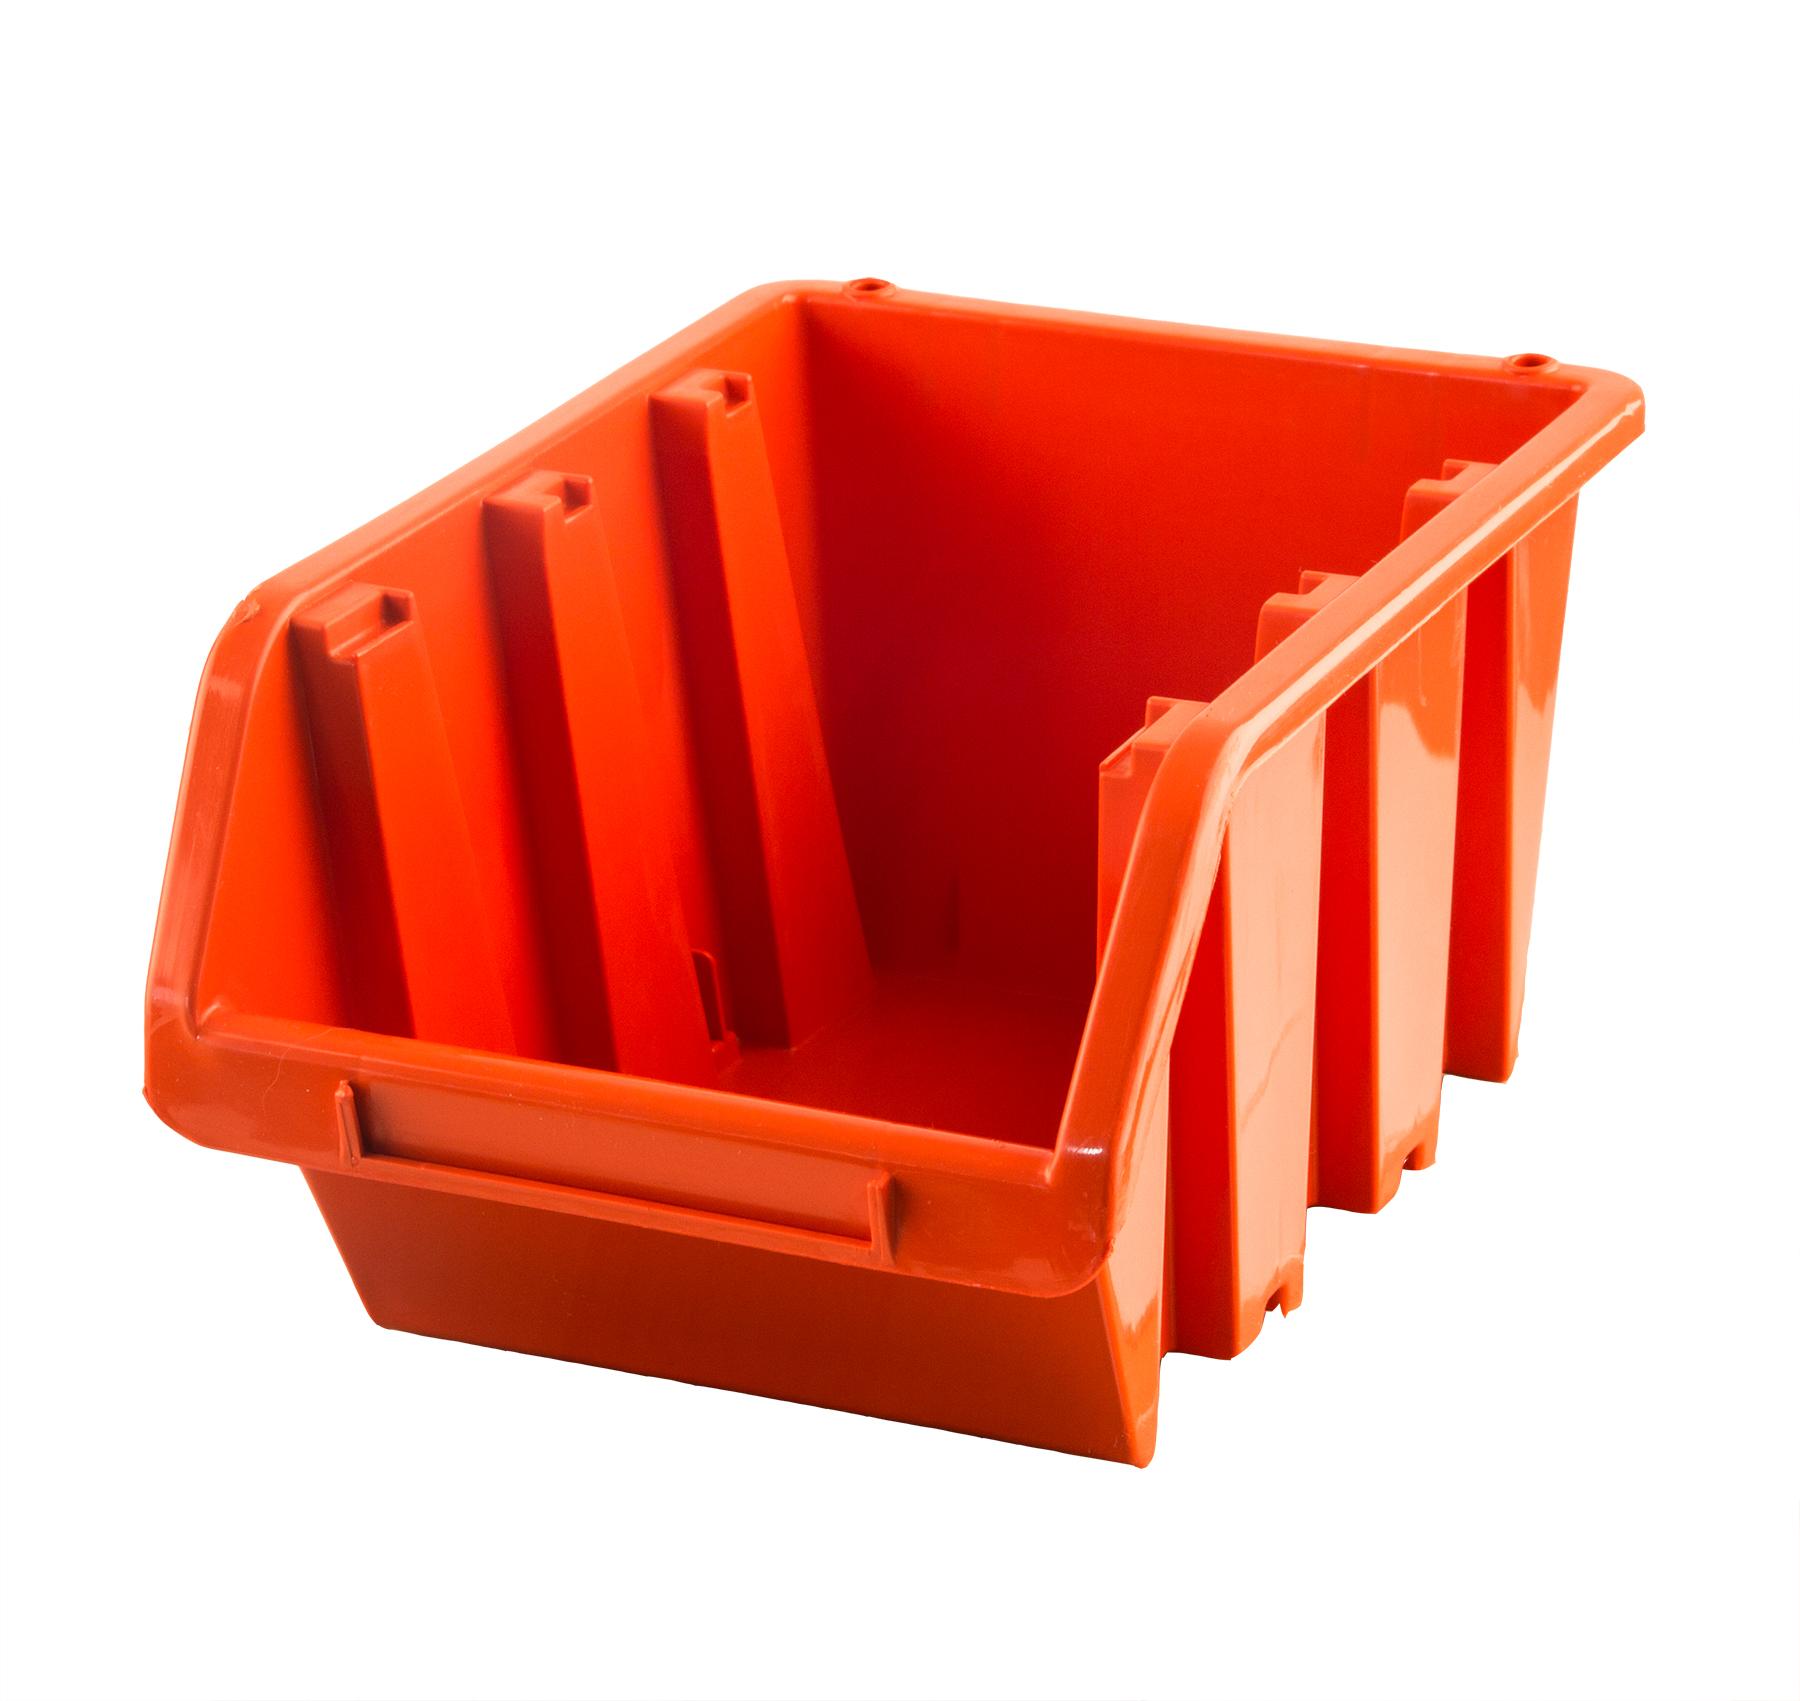 20 Stapelboxen In-Box Sichtlagerk/ästen Sichtlagerbox Lager orange Gr 5